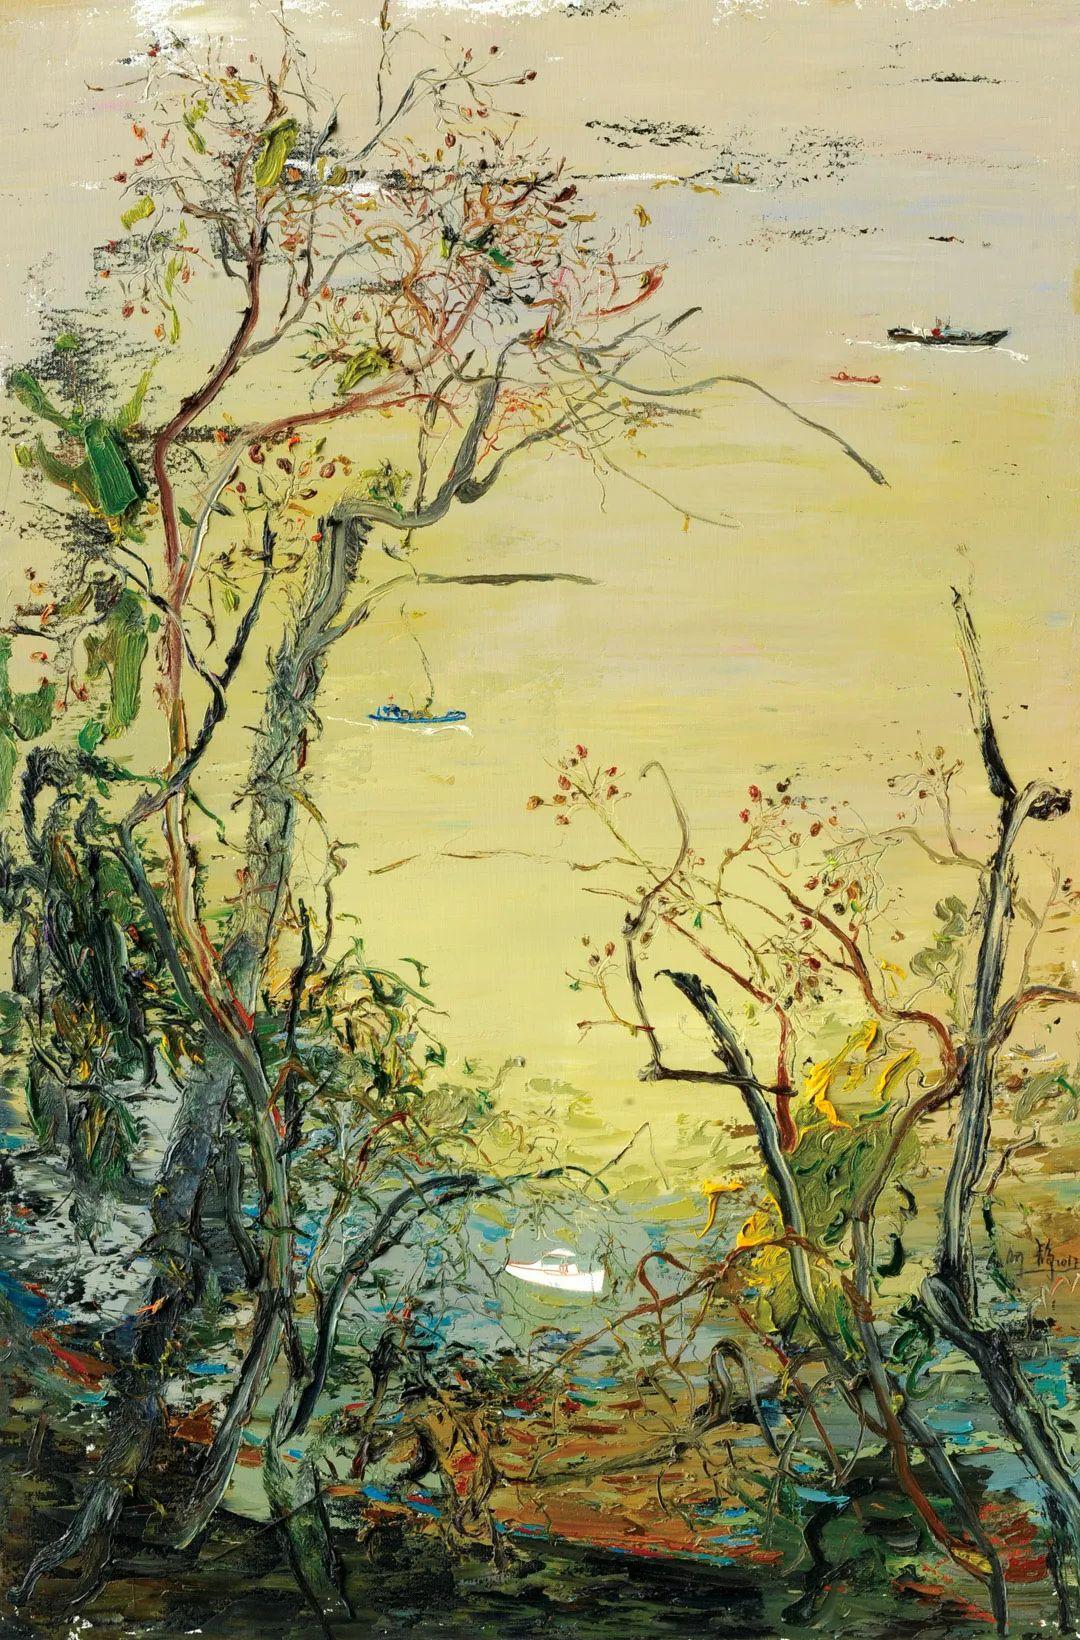 中国当代绘画艺术展作品欣赏之 夏静插图13